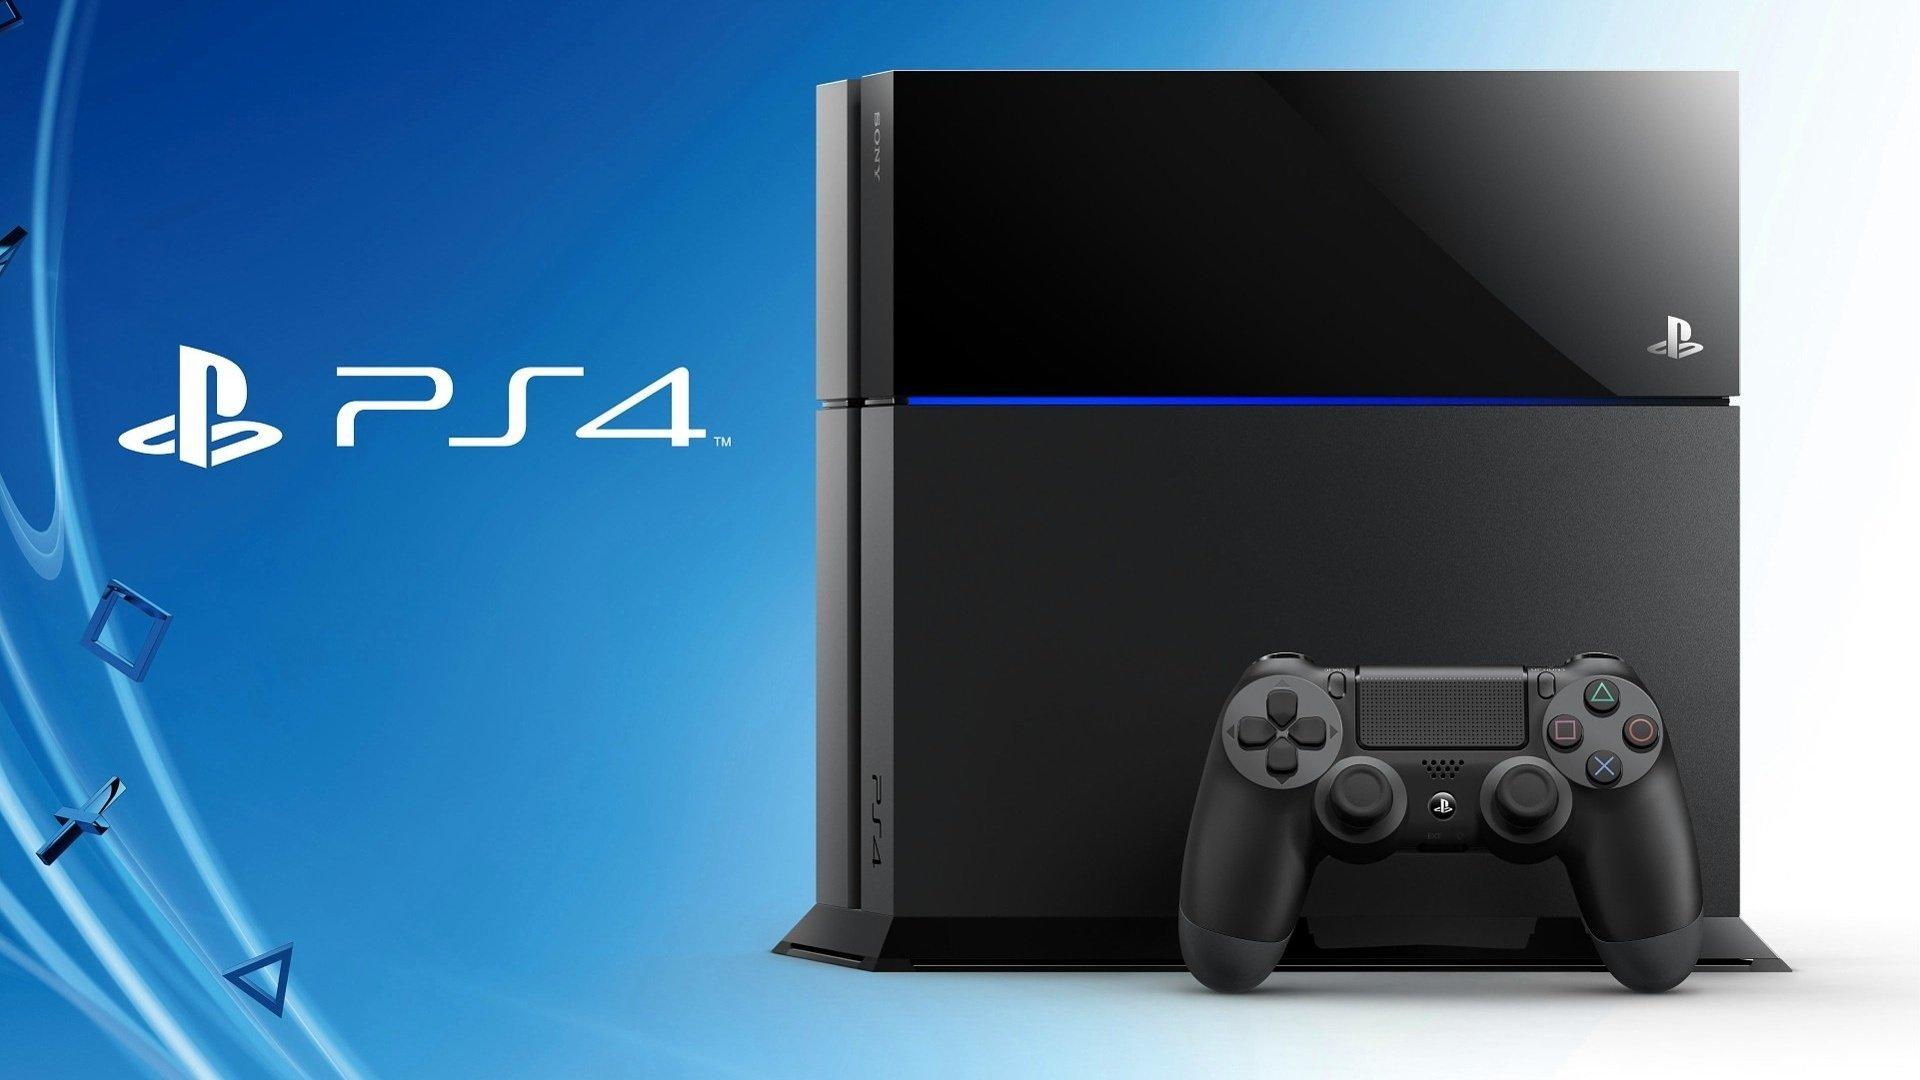 Обновление 1.7 для PS4 доступно для загрузки, занимает порядка 200 мб. - Изображение 1